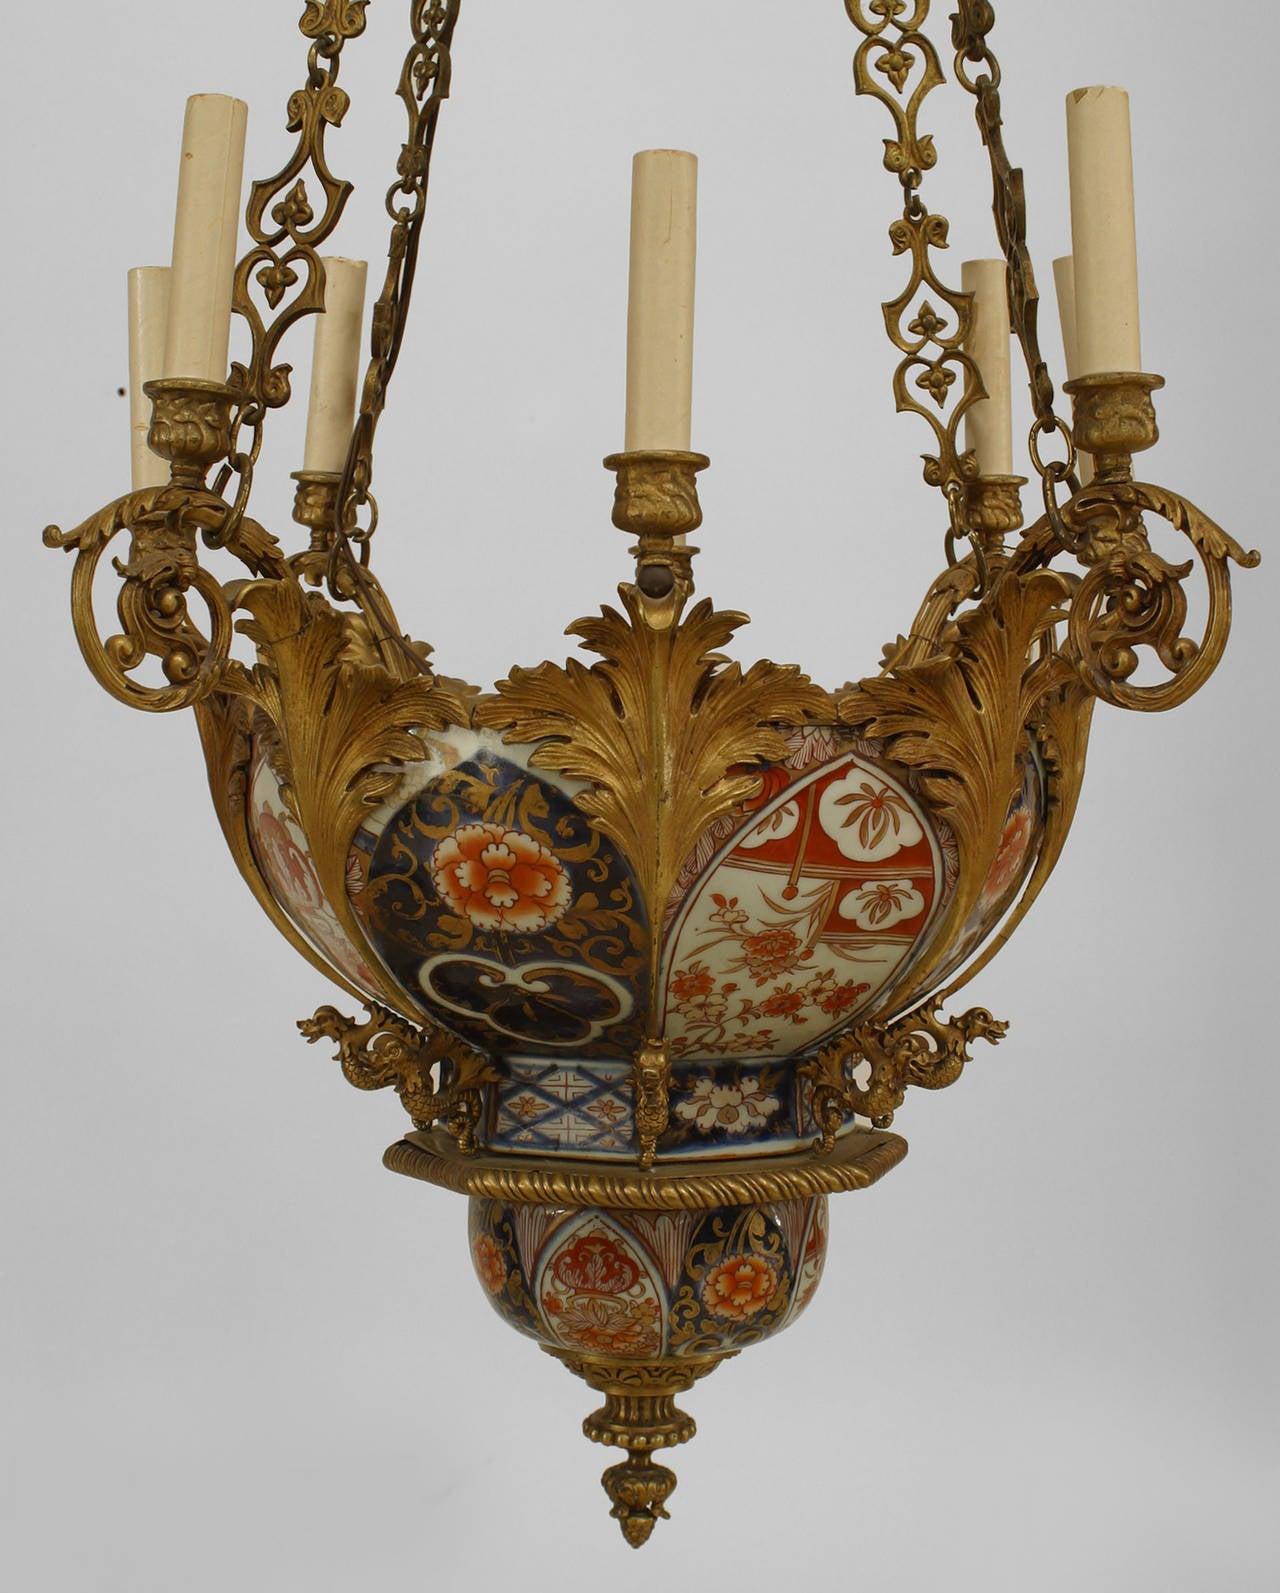 French napoleon iii ormolu and imari porcelain chandelier for sale french napoleon iii ormolu and imari porcelain chandelier 3 arubaitofo Images